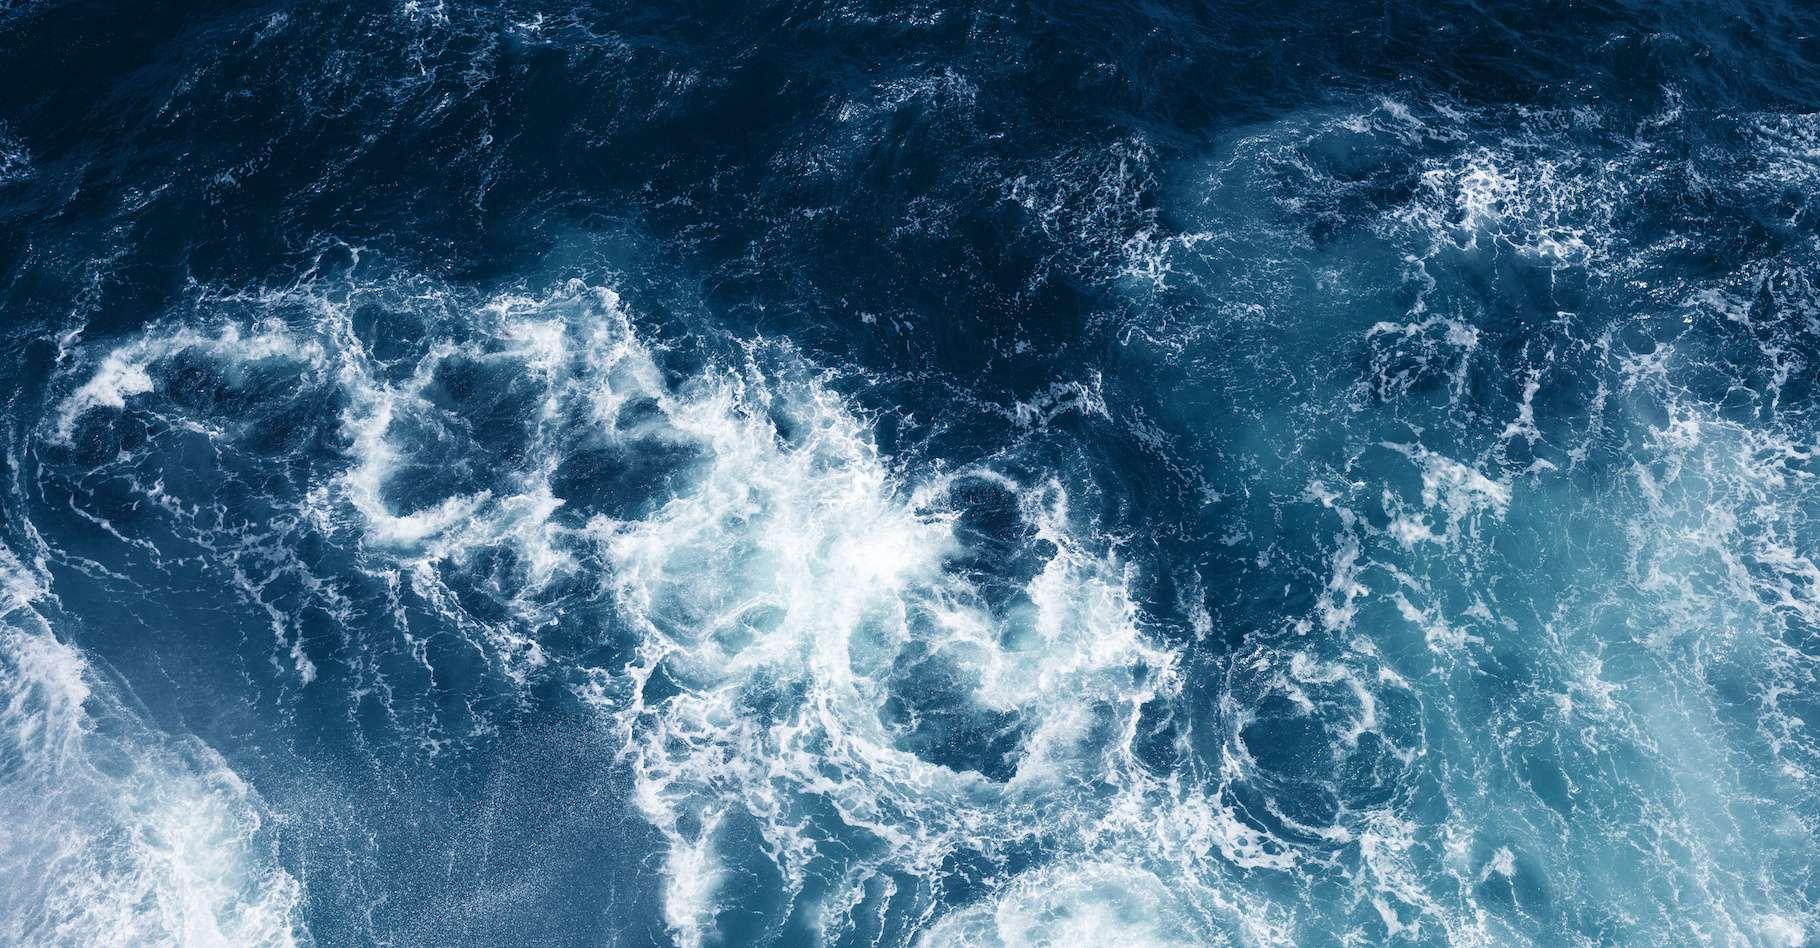 Des traces de mercure ont été retrouvées dans la fosse des Mariannes, dans les poissons vivants entre 7.000 et 11.000 mètres de profondeur. © zolga, Adobe Stock